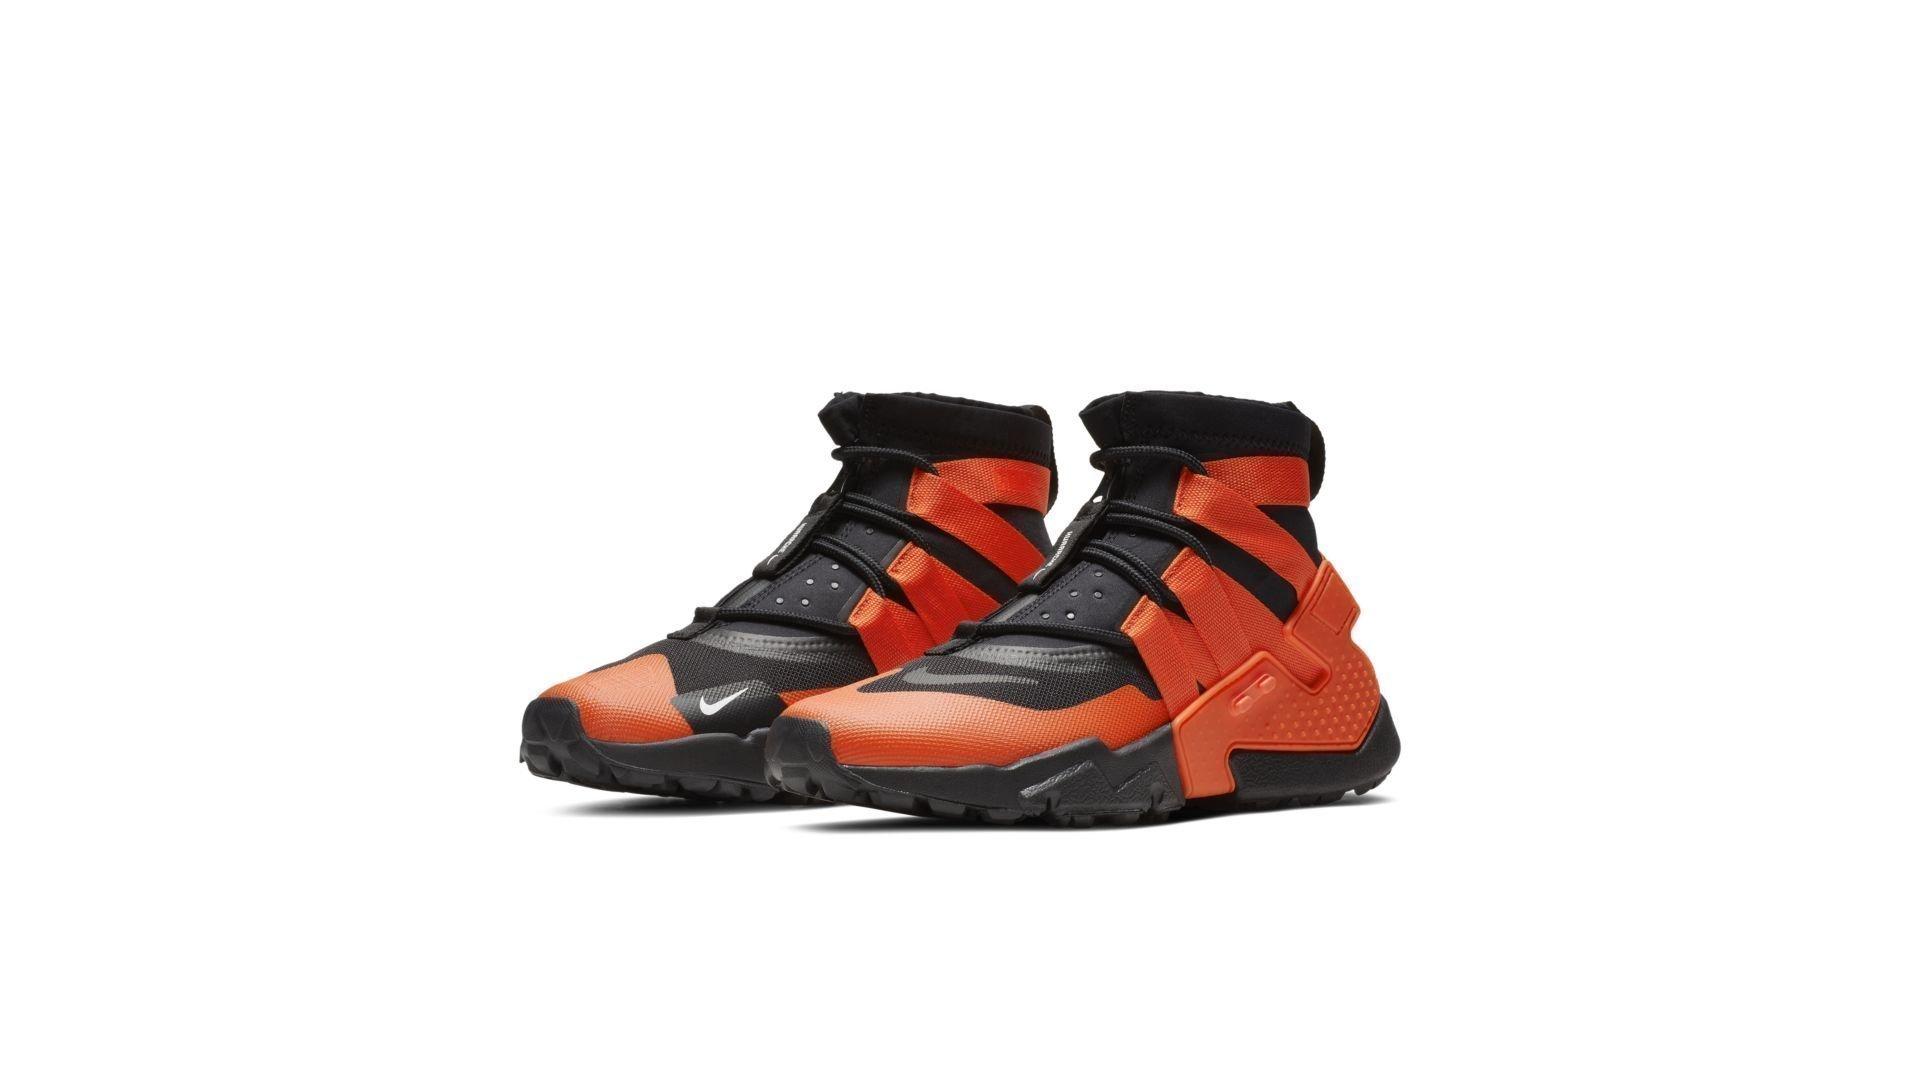 Nike Air Huarache Gripp Black Team Orange (AO1730-001)